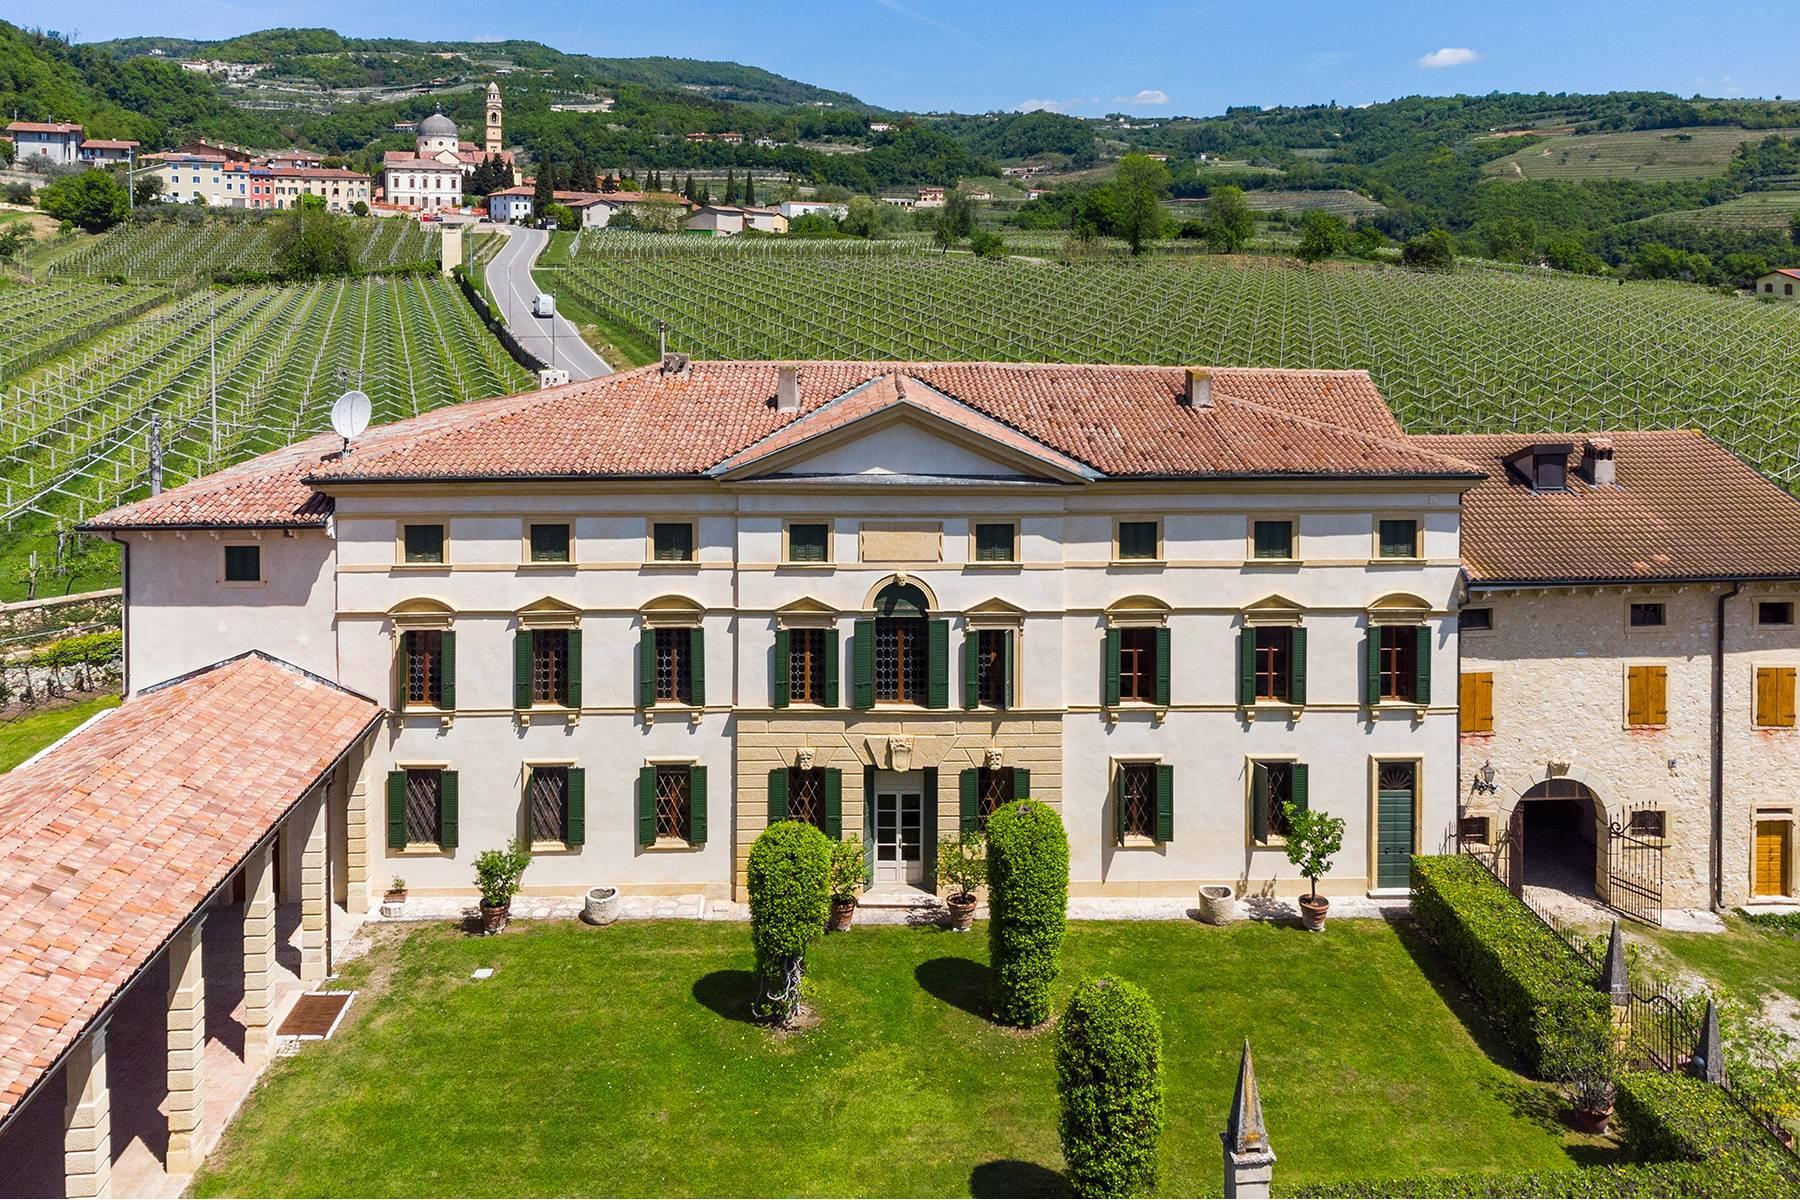 Historische Villa mit Park und prächtigem alten Keller, umgeben von Weinbergen - 1